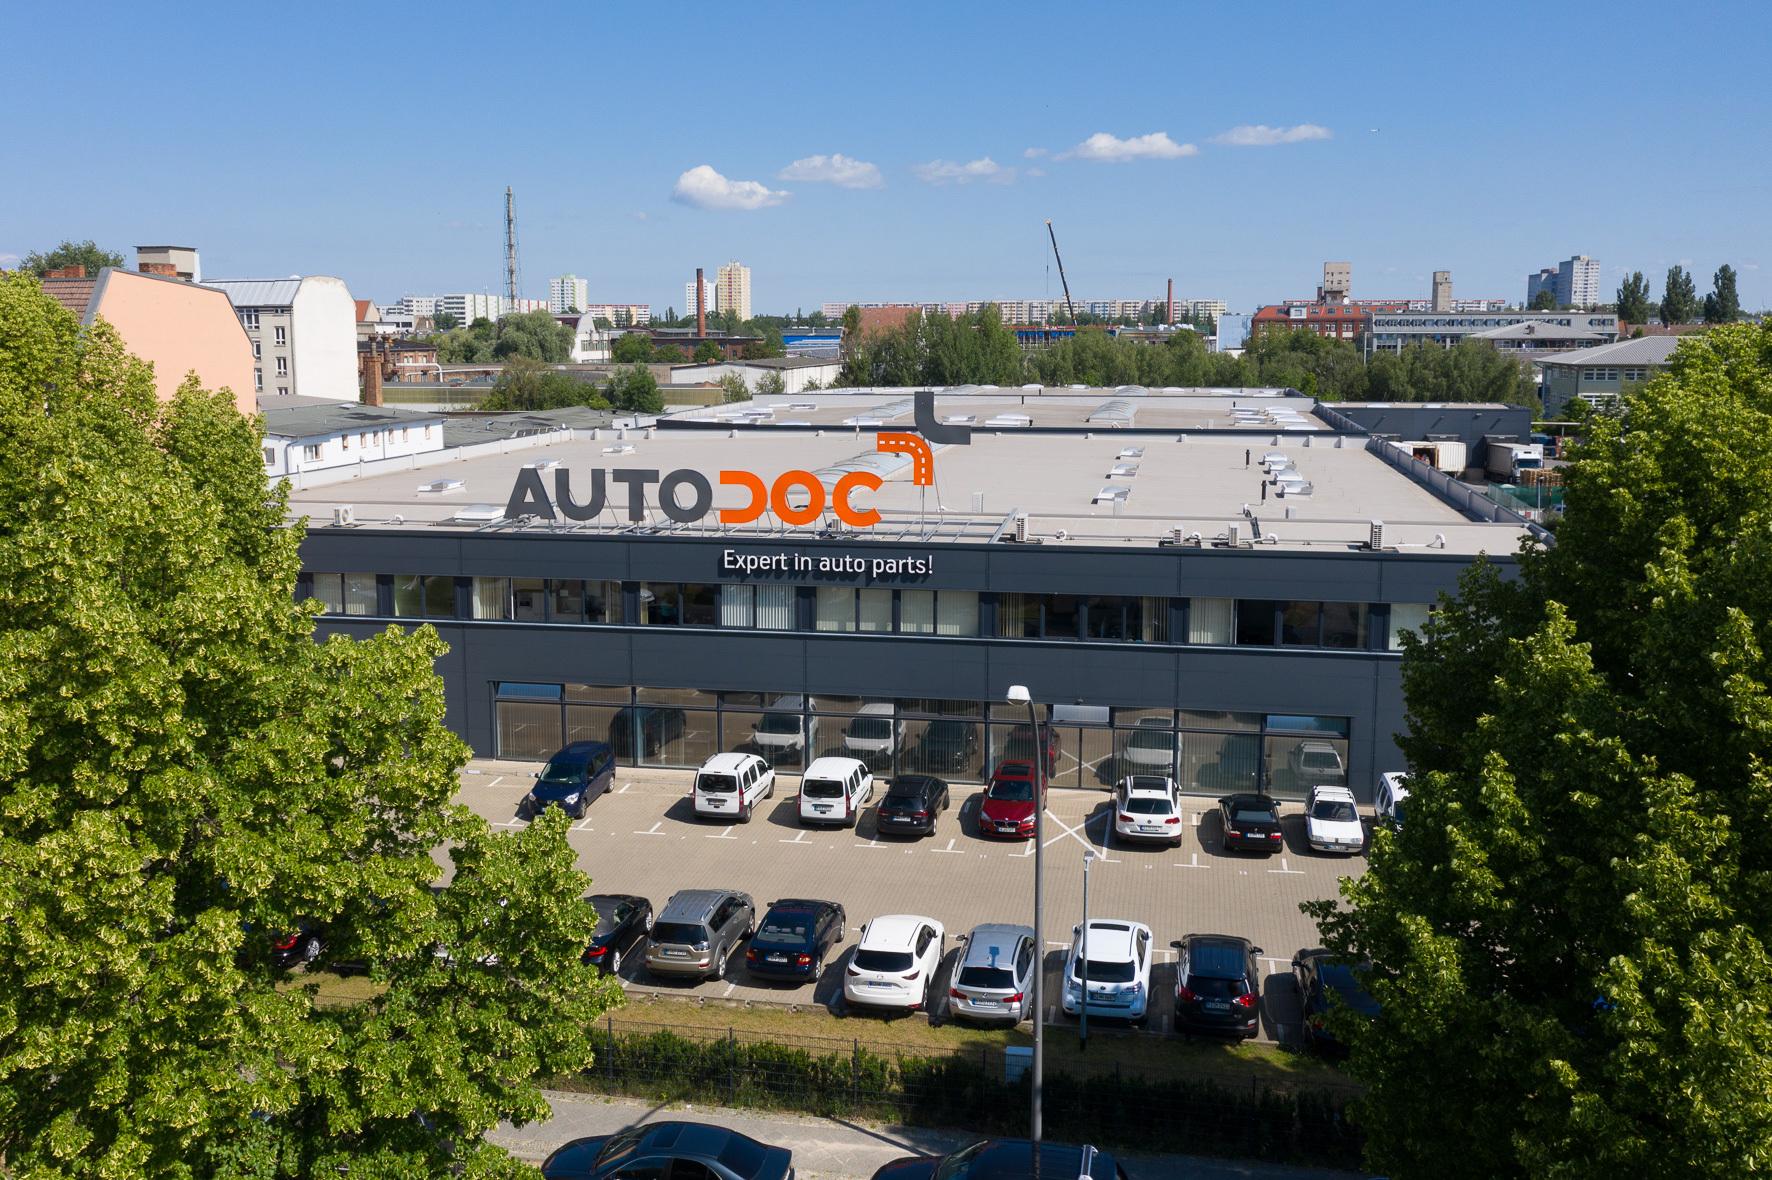 Склад AUTODOC у Берліні